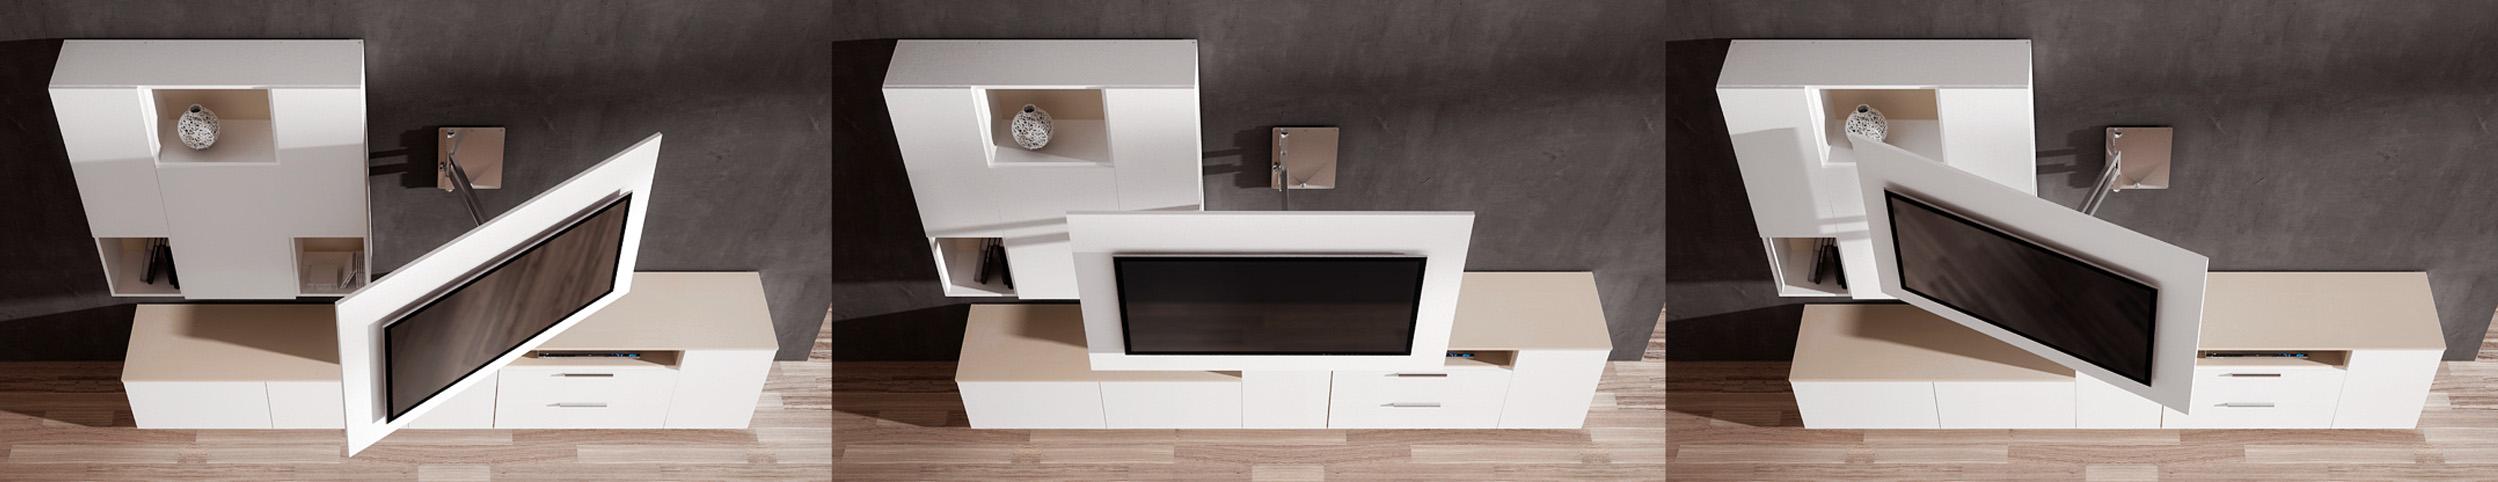 Mueble sal n ferpi muebles - Mueble ordenador salon ...